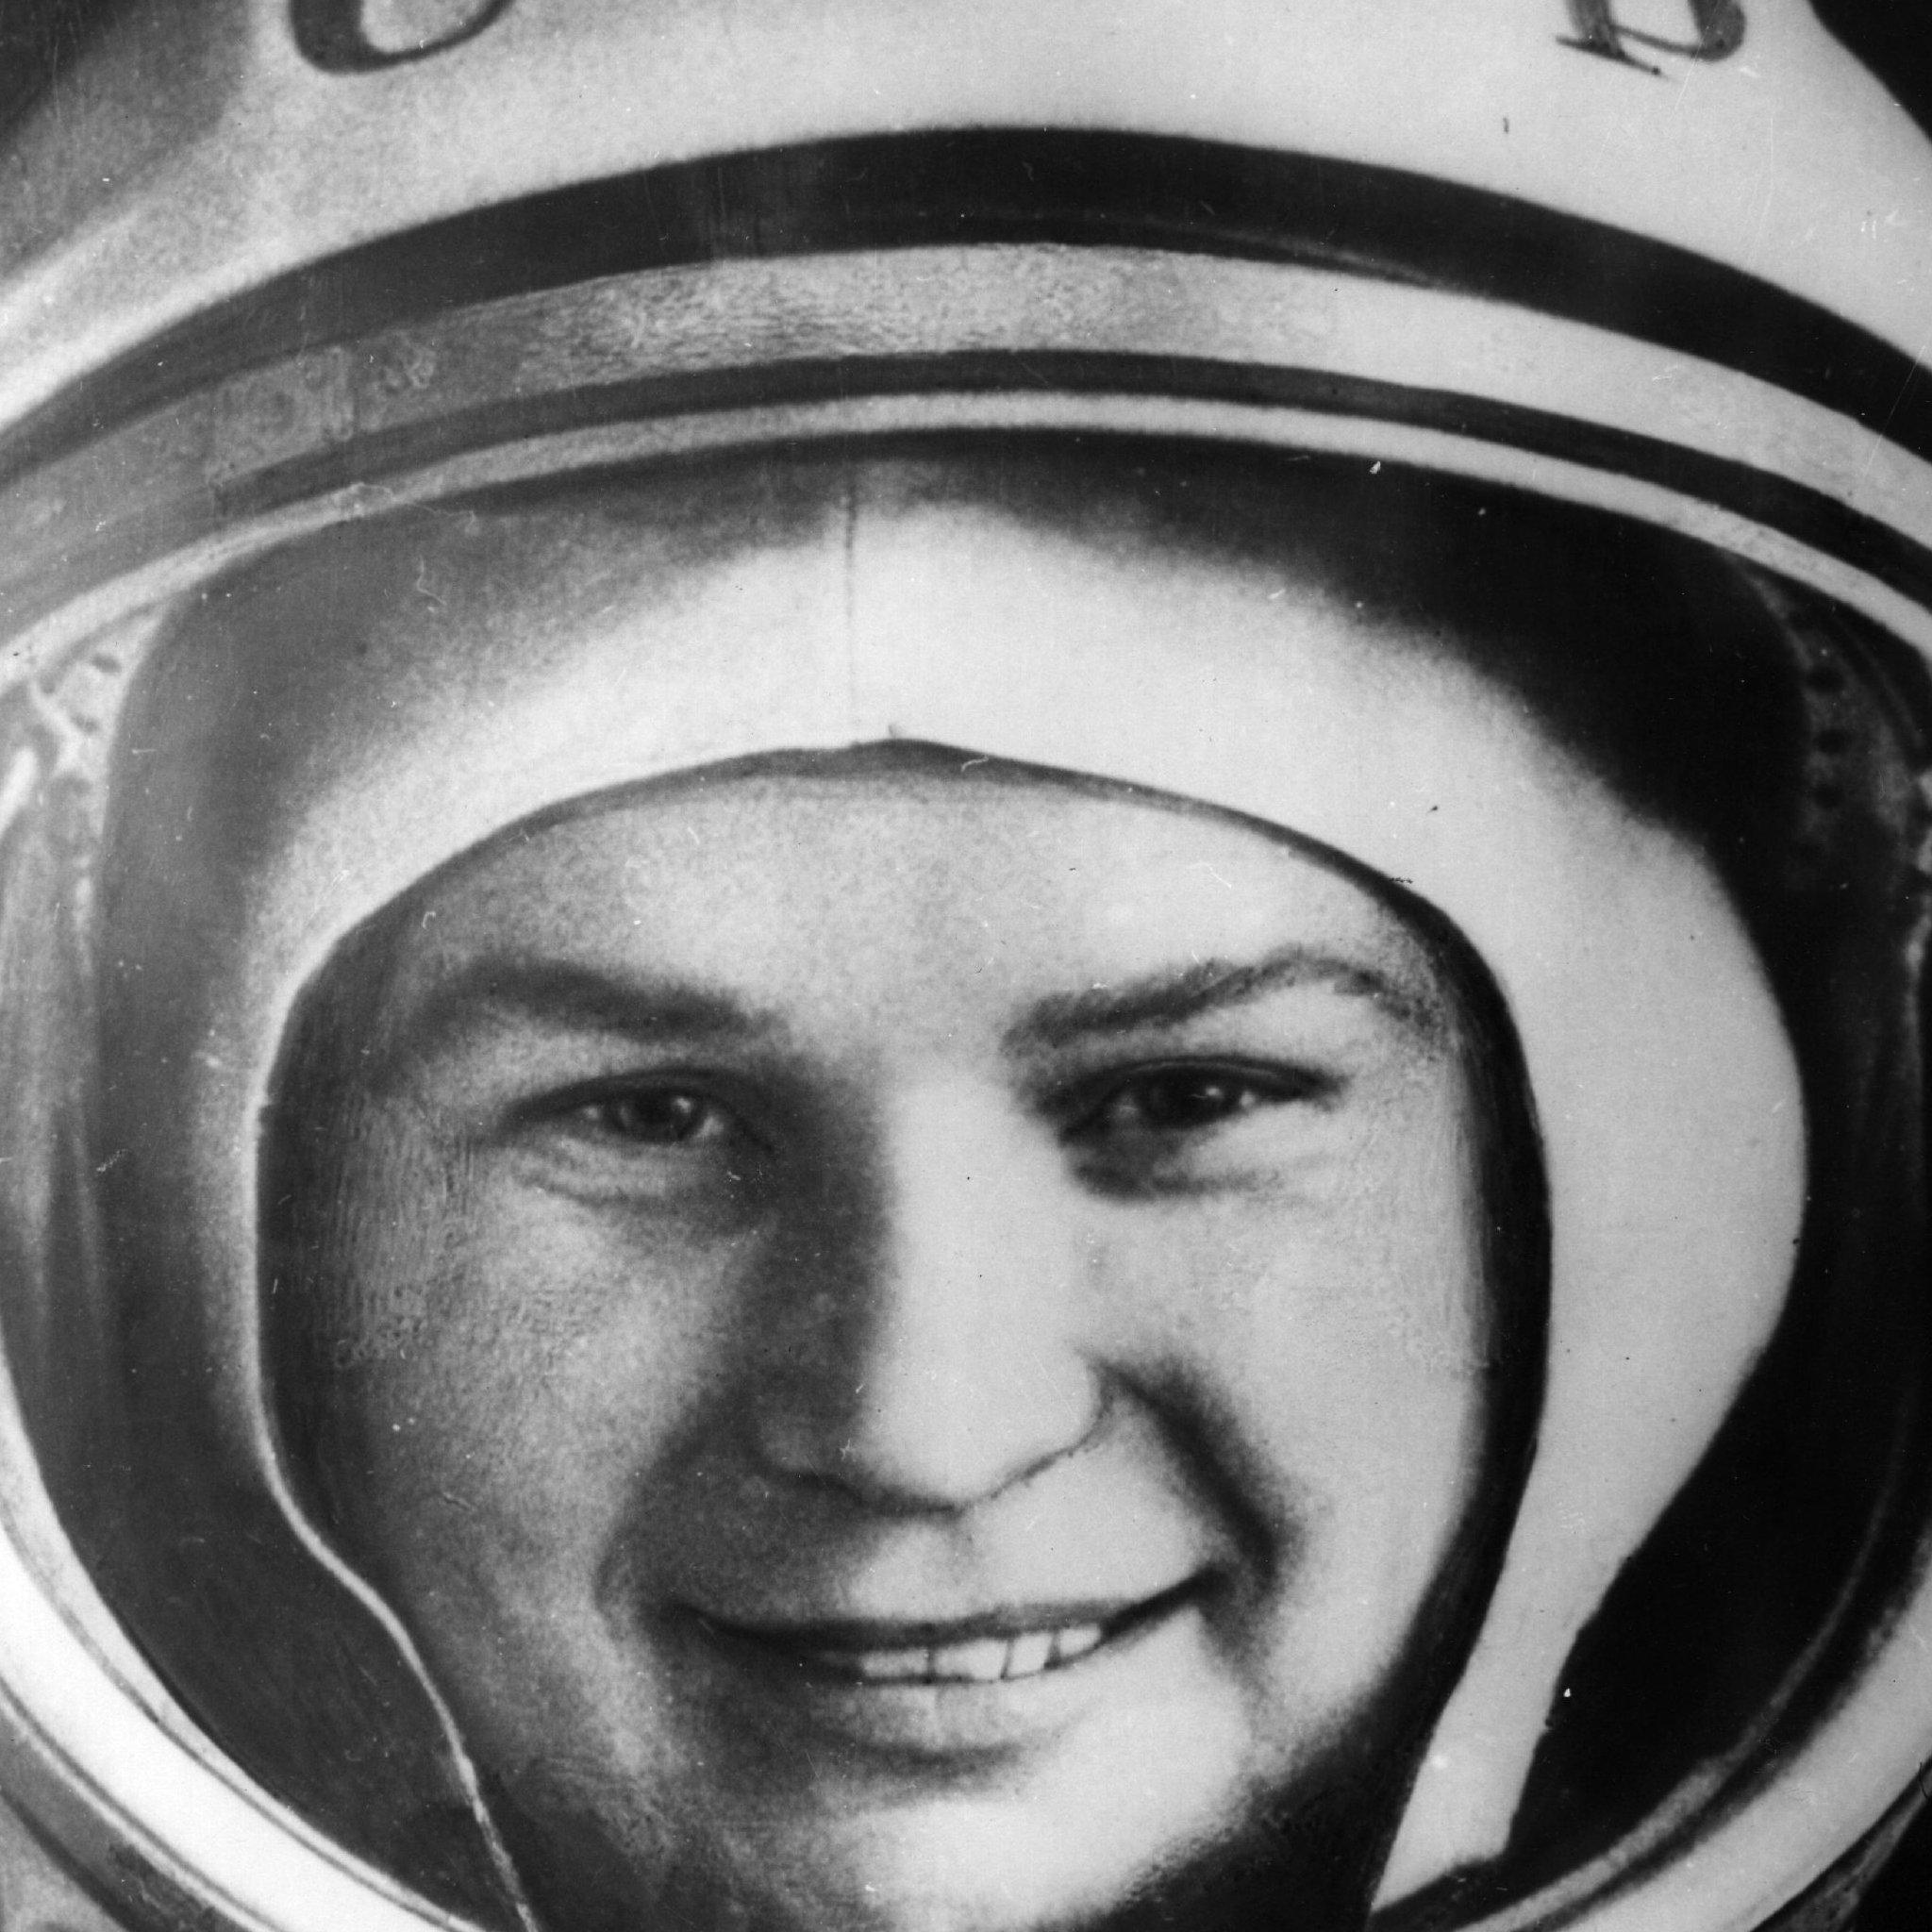 瓦蓮京娜·捷列什科娃(Valentina Tereshkova)